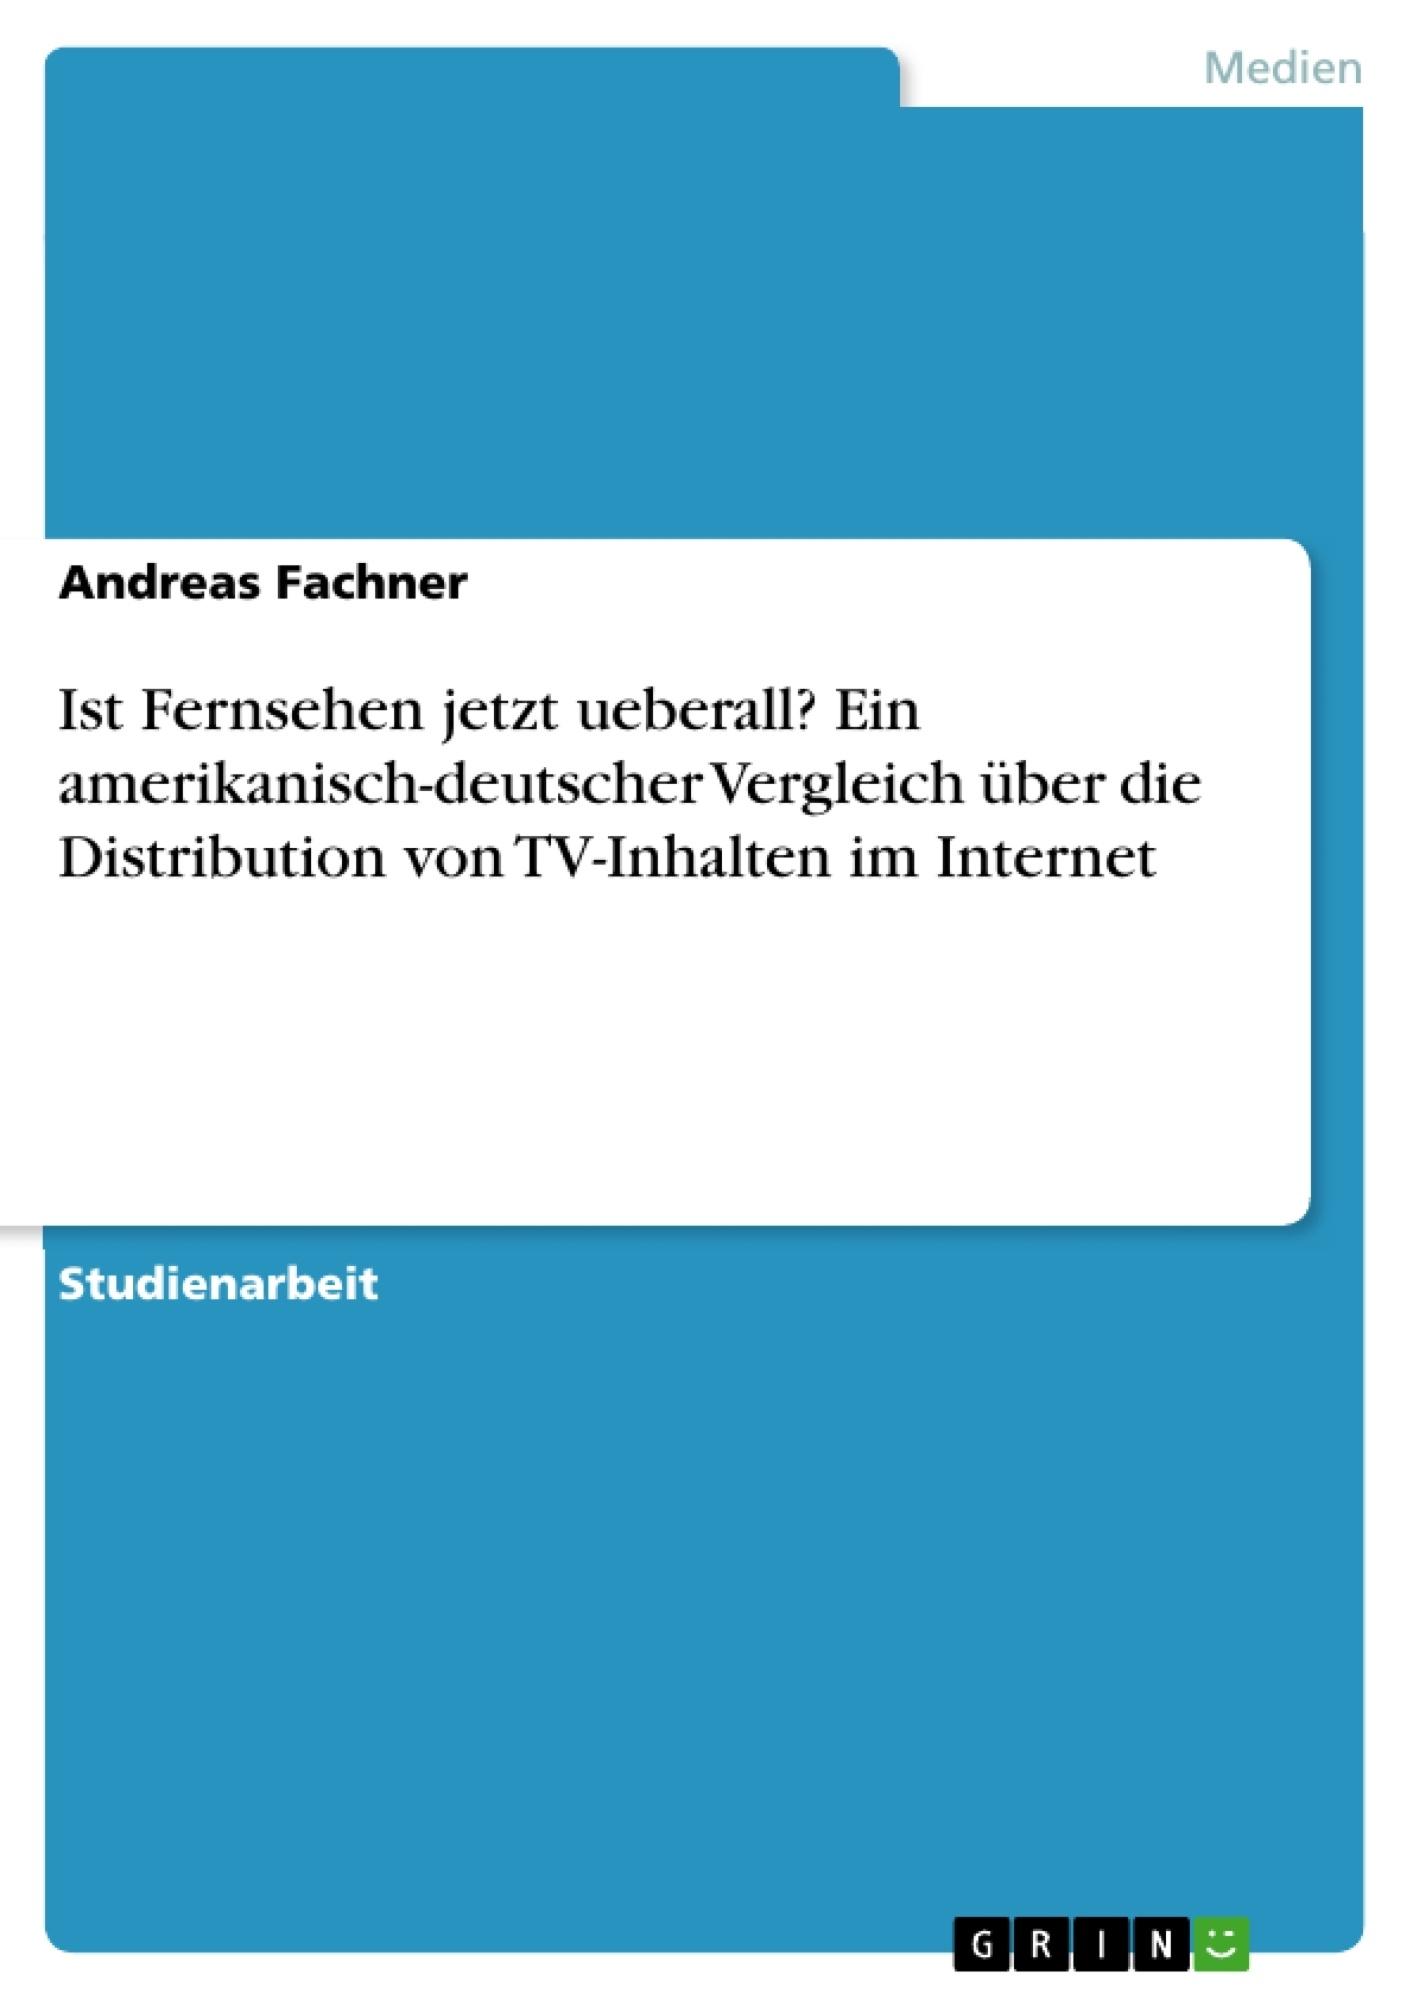 Titel: Ist Fernsehen jetzt ueberall? Ein amerikanisch-deutscher Vergleich über die Distribution von TV-Inhalten im Internet